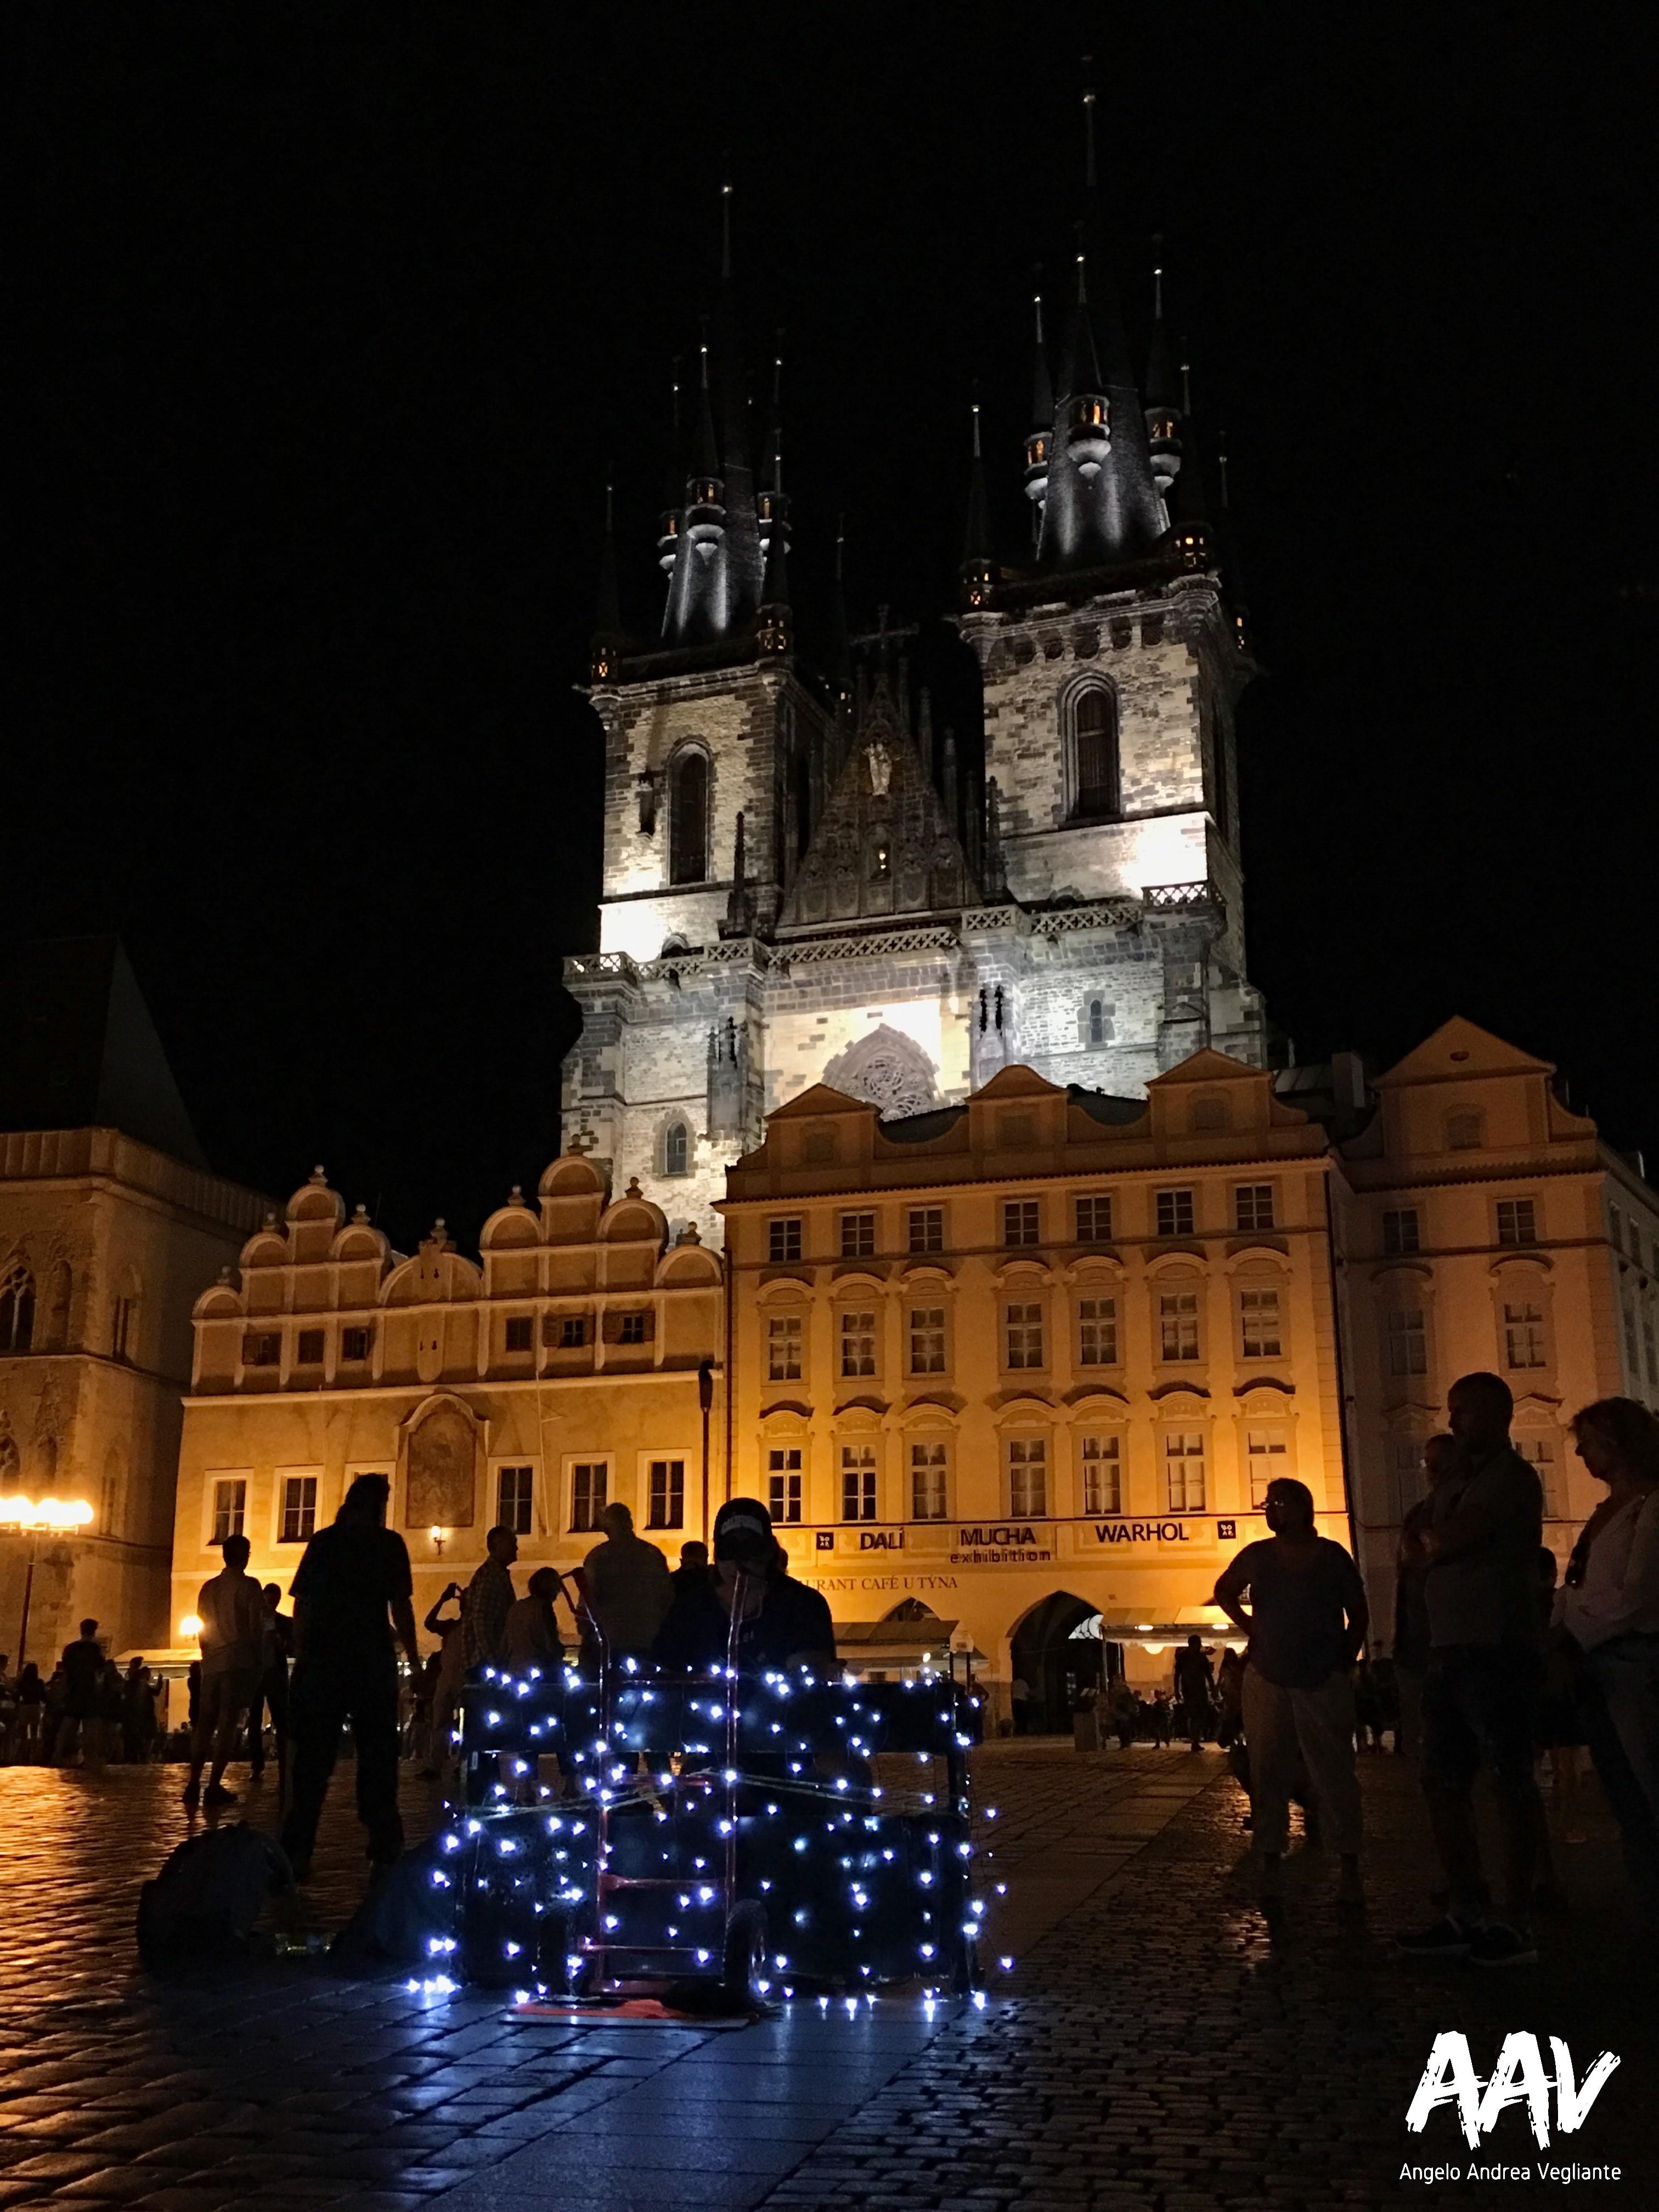 Praga-Europa-Repubblica Ceca-Angelo Andrea Vegliante-Colui che veglia-Viaggio-Libertà-musica